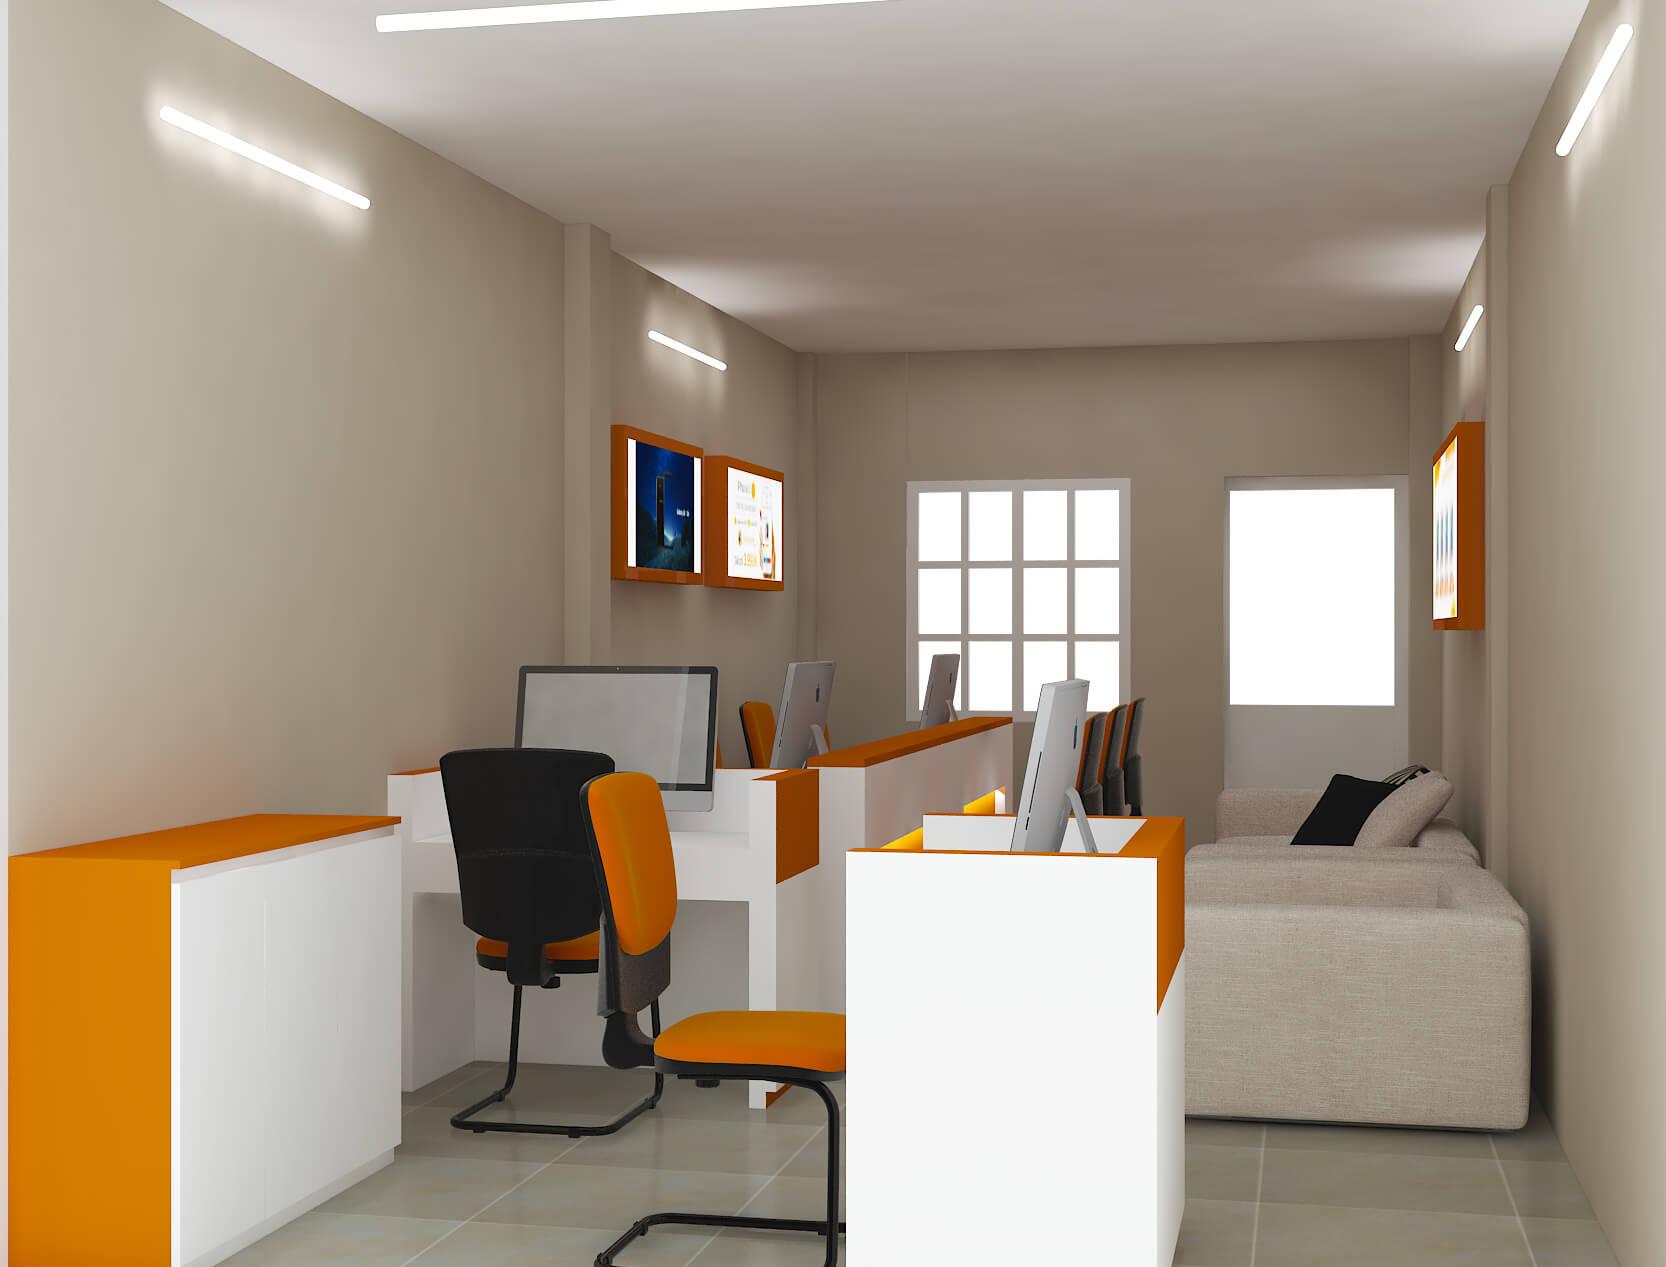 phòng tiếp khách kết hợp khu làm việc